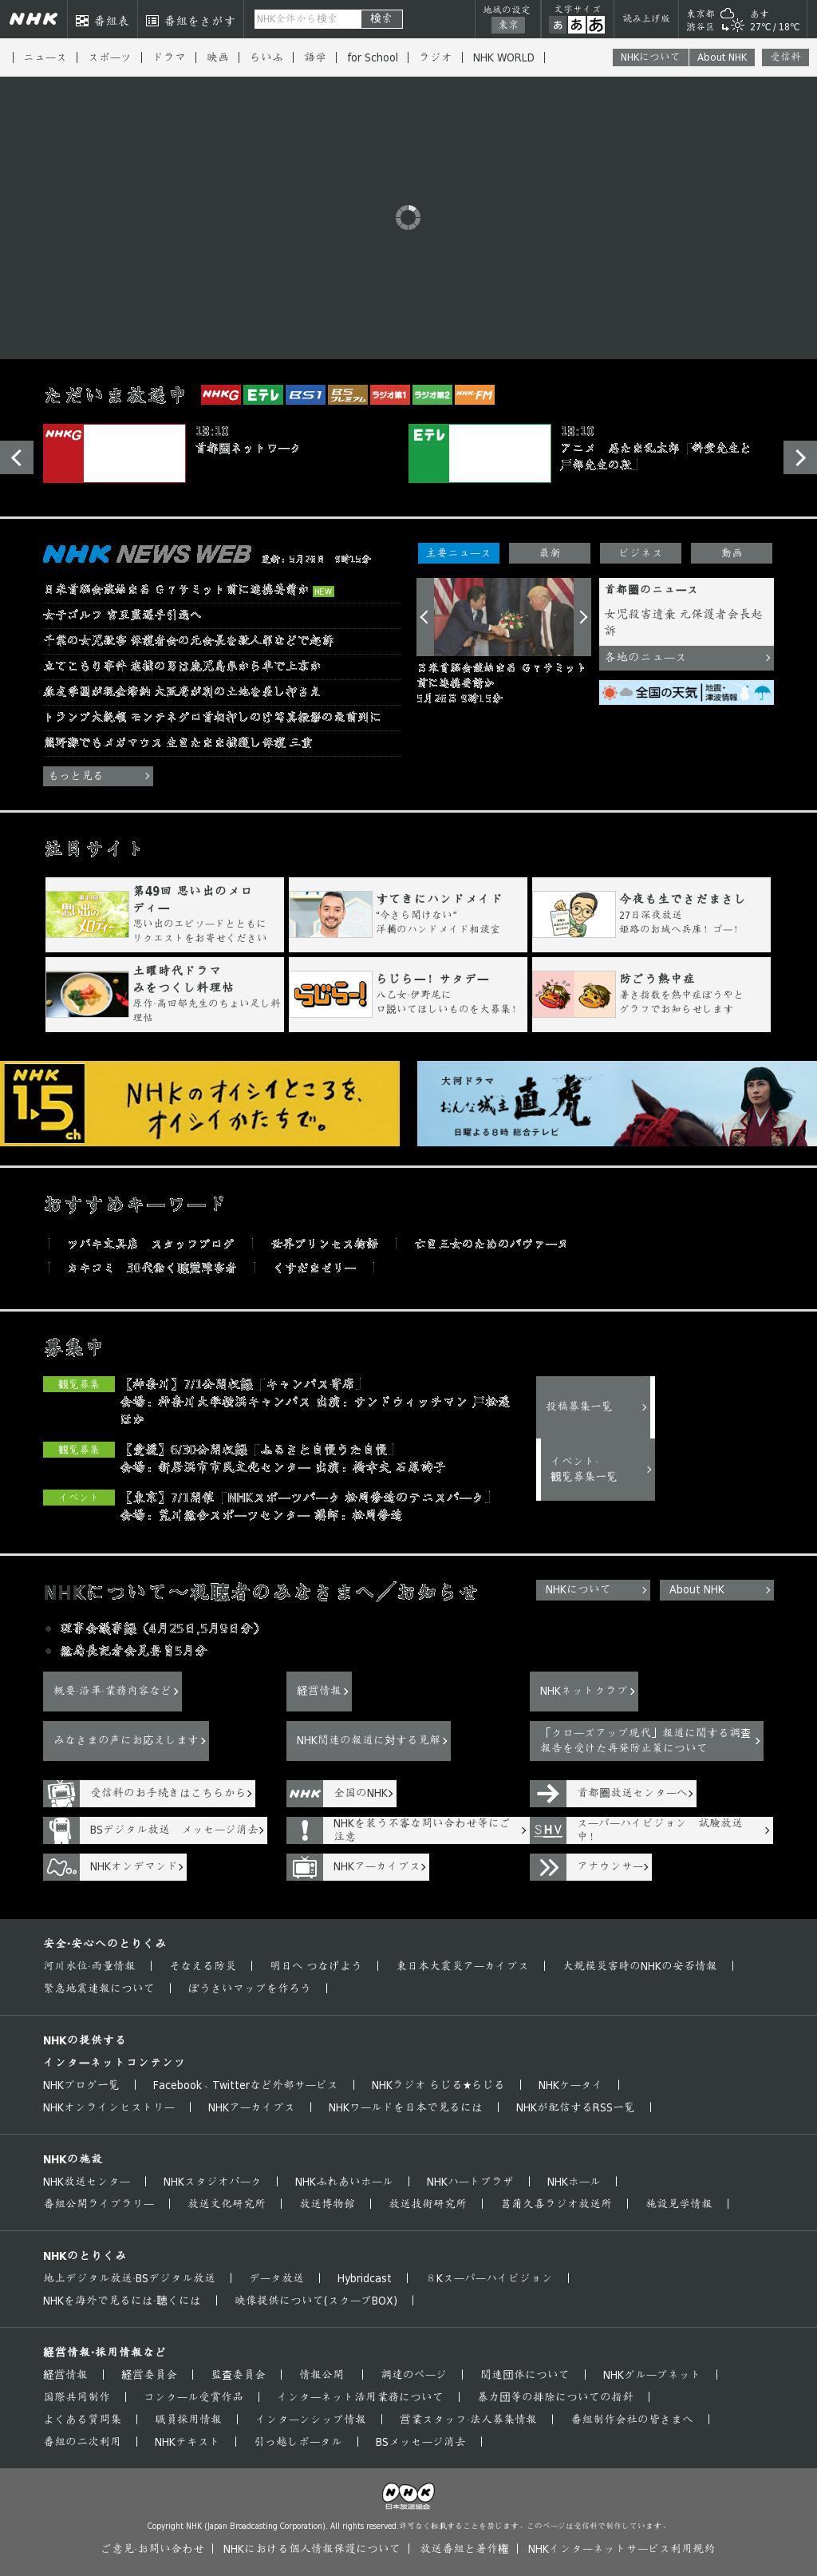 NHK Online at Friday May 26, 2017, 9:20 a.m. UTC